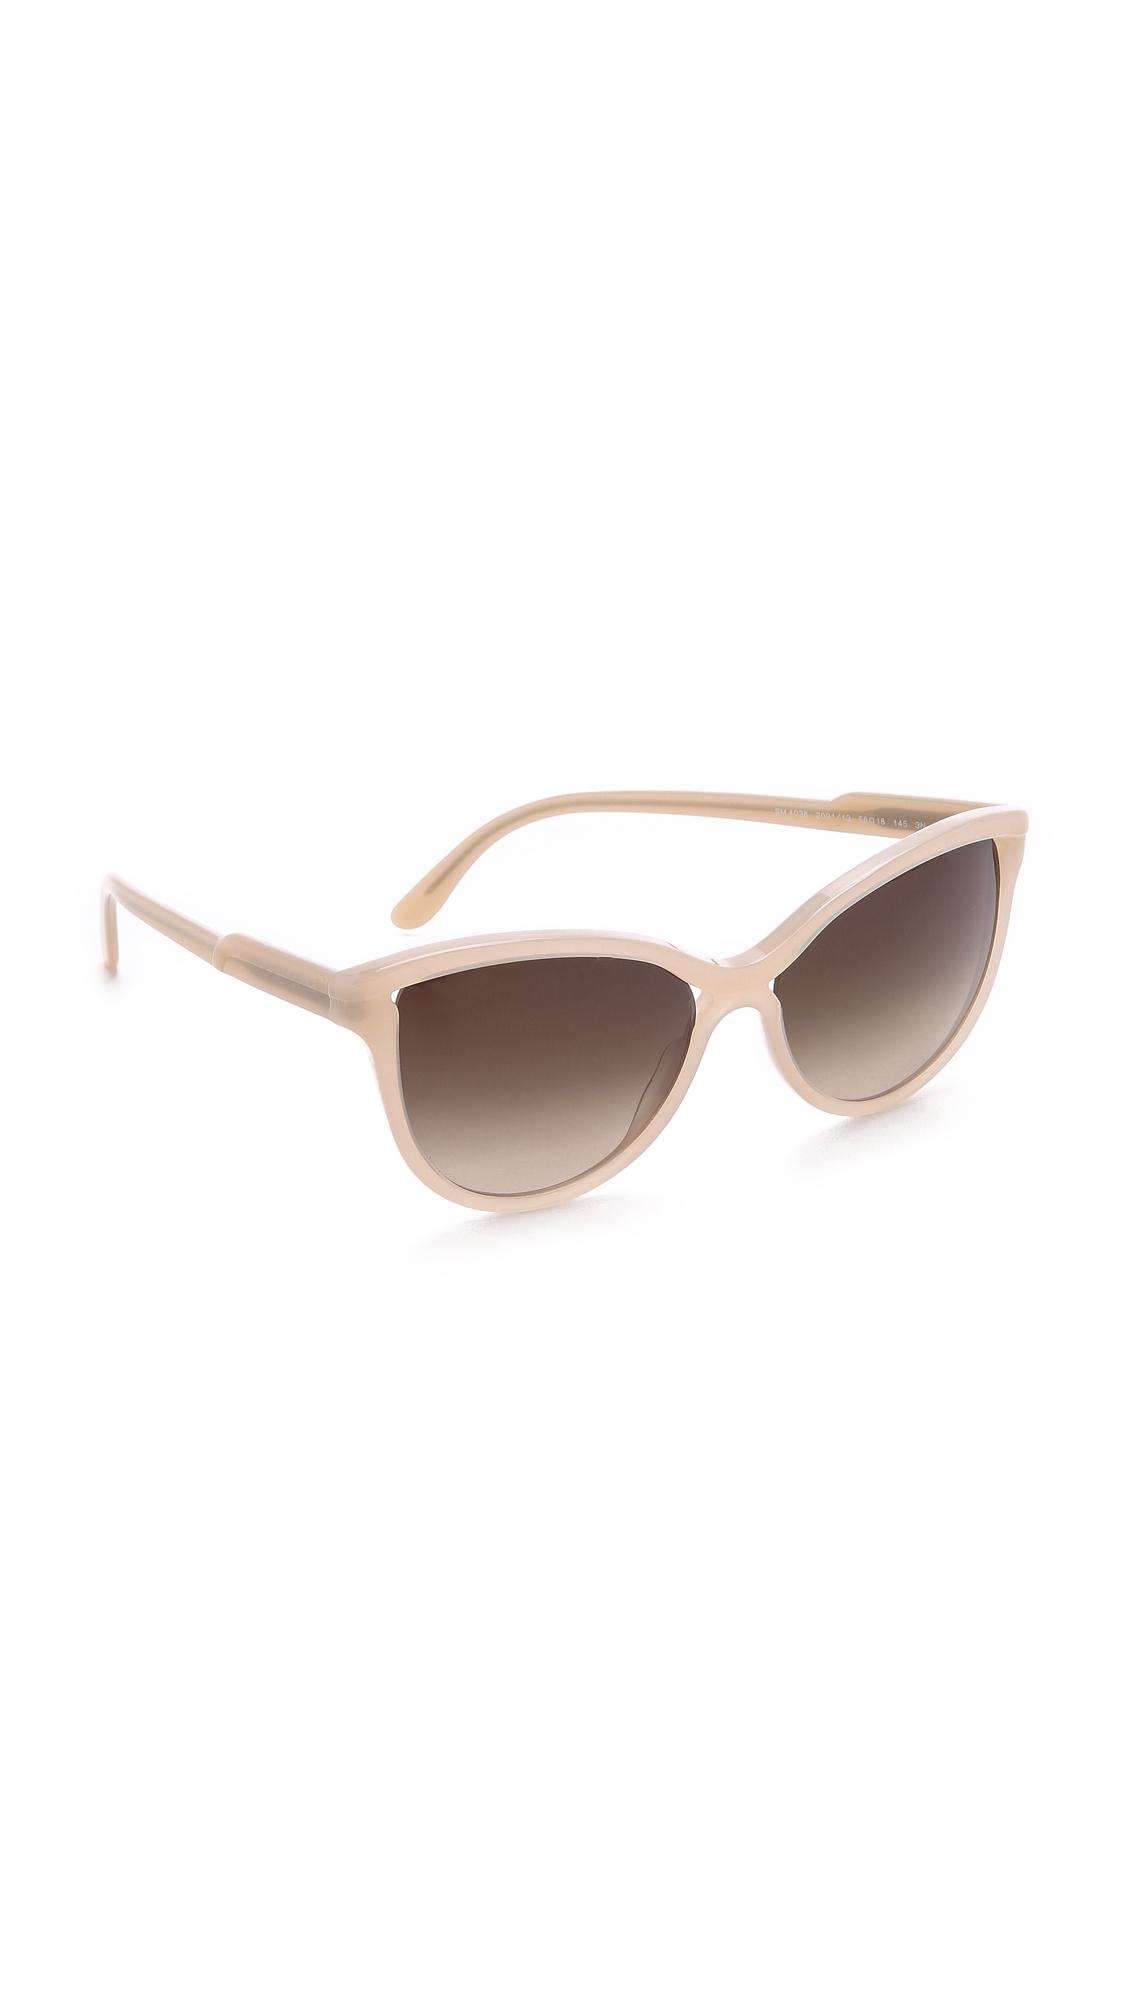 Blush Colored Sunglasses